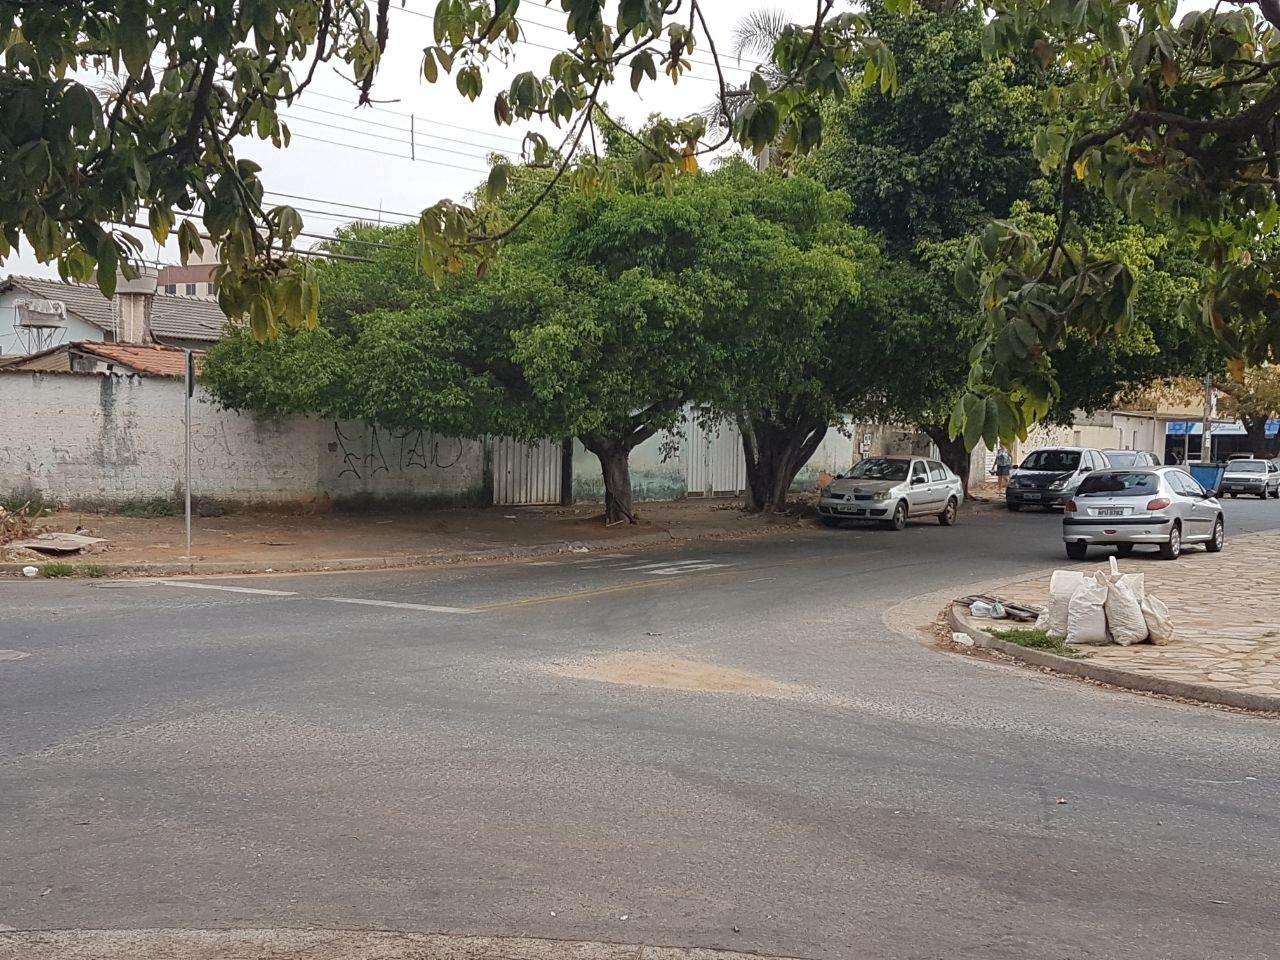 Esquina entre as ruas C-208 e C-210, no Jardim América   Foto: Folha Z